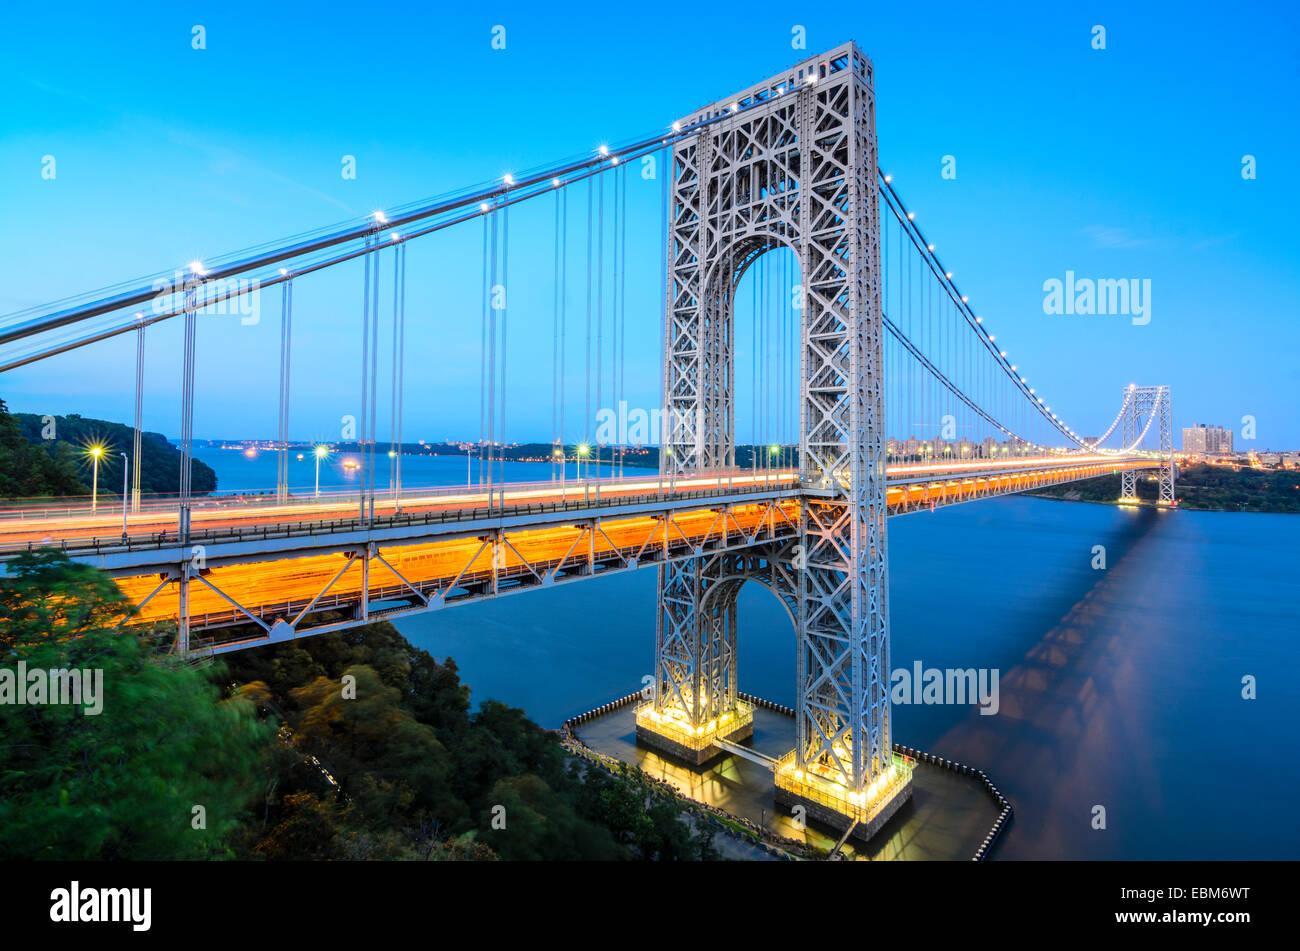 Le George Washington Bridge enjambant la rivière Hudson au crépuscule dans la ville de New York. Photo Stock